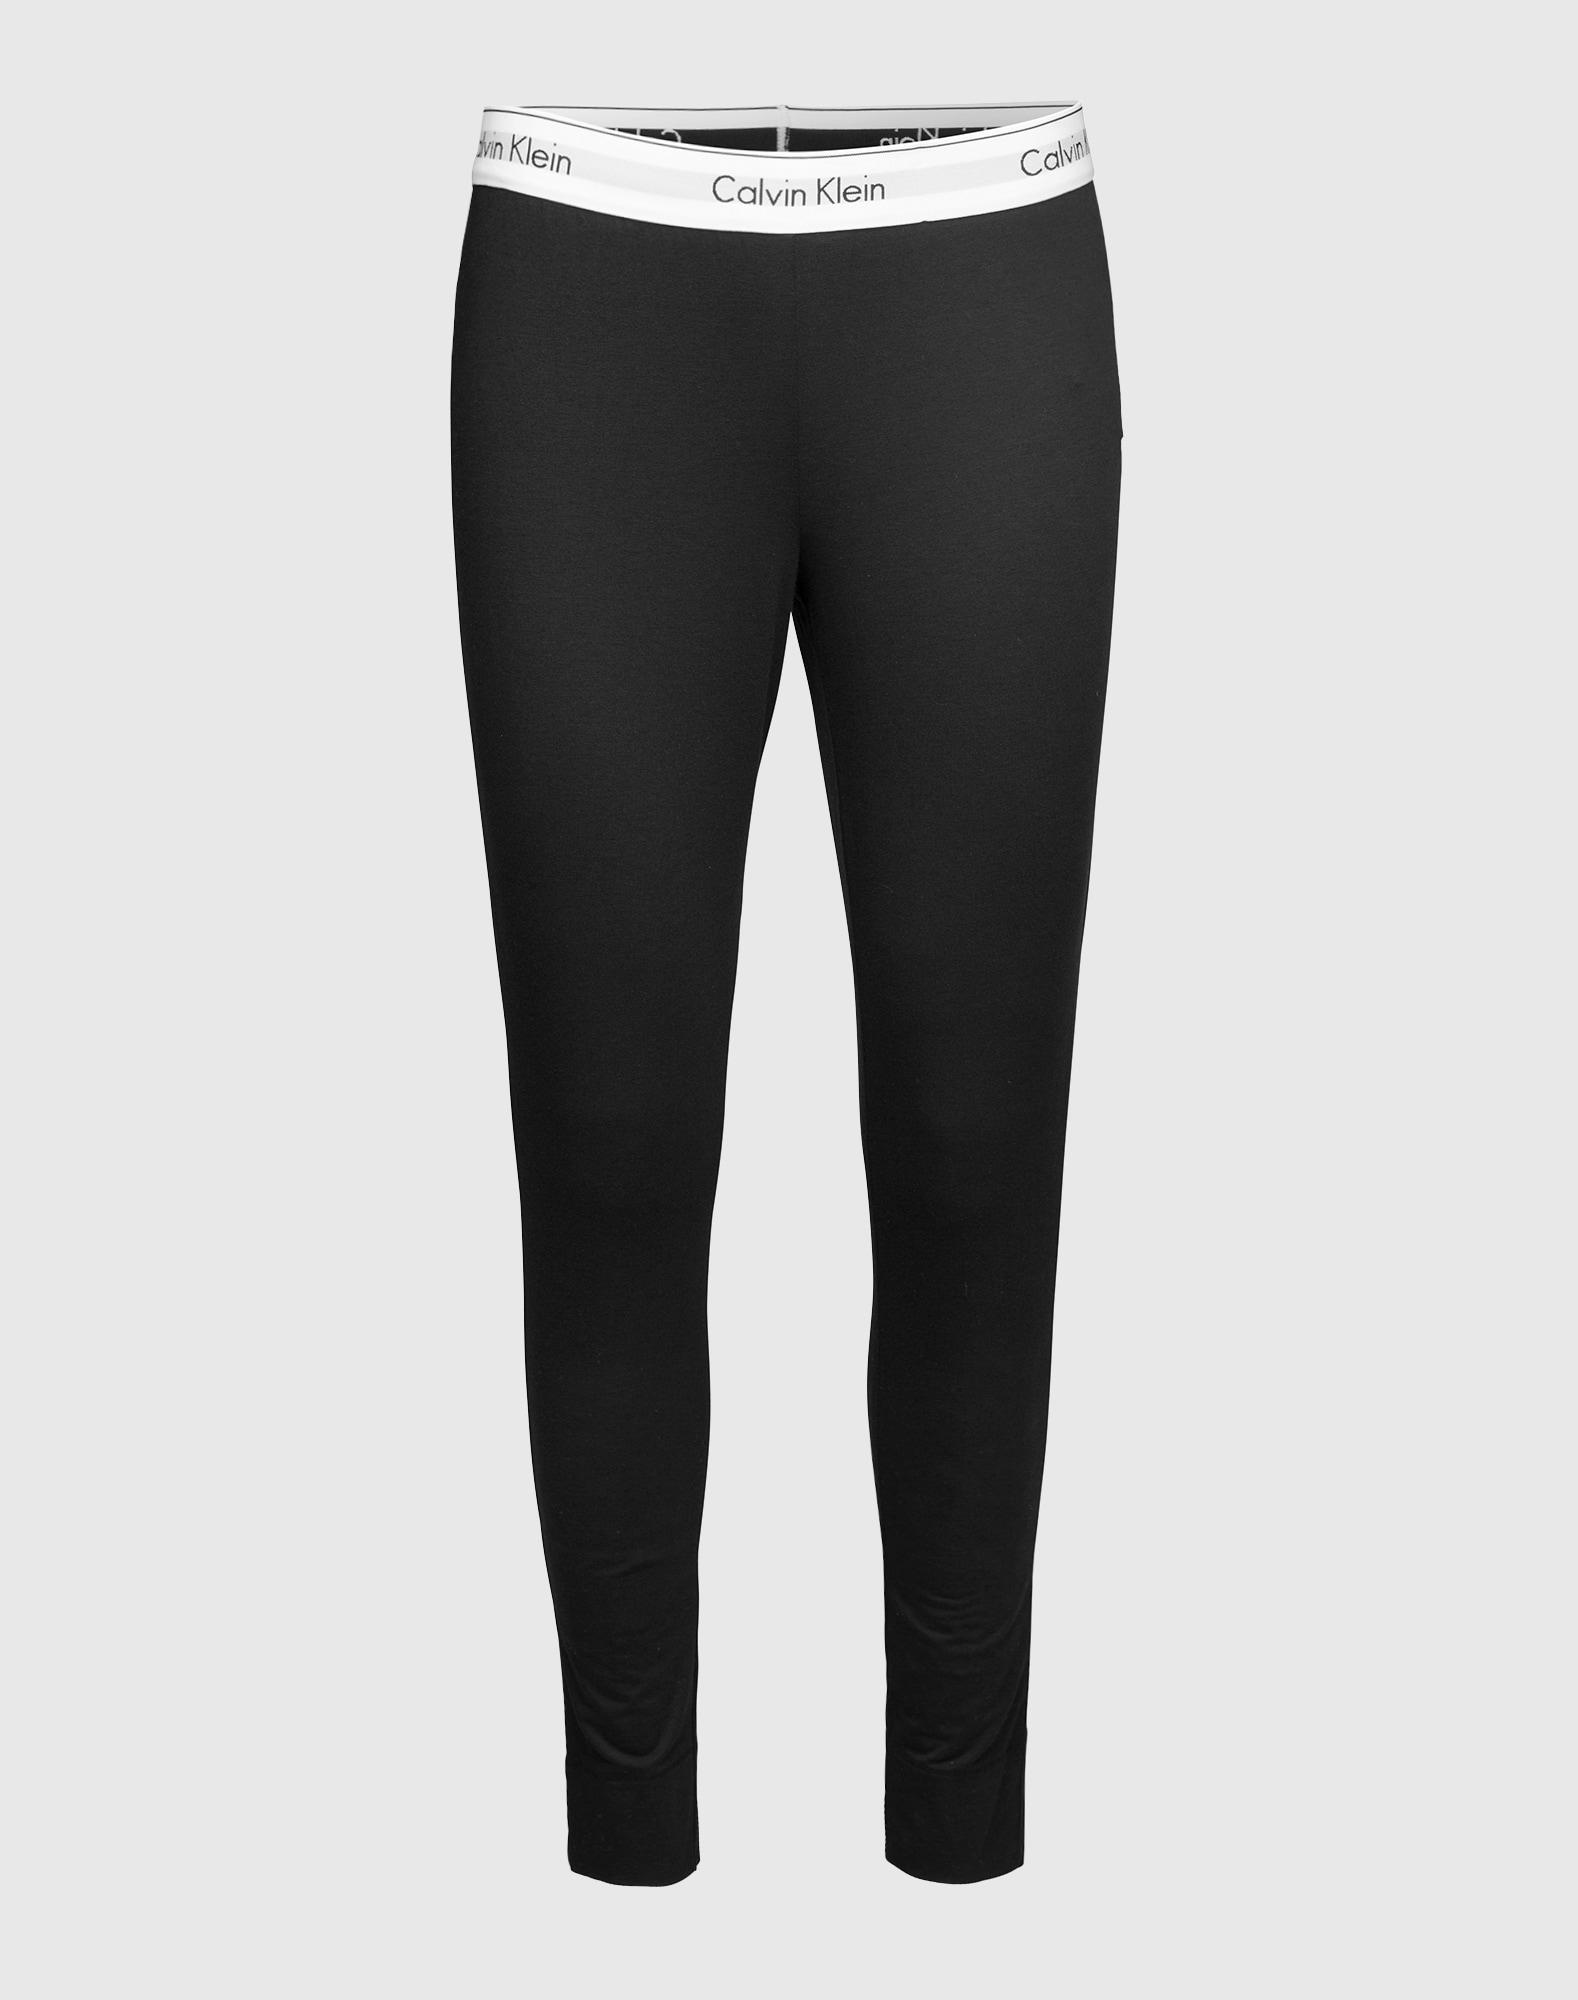 Calvin Klein Underwear, Dames Pyjamabroek, zwart